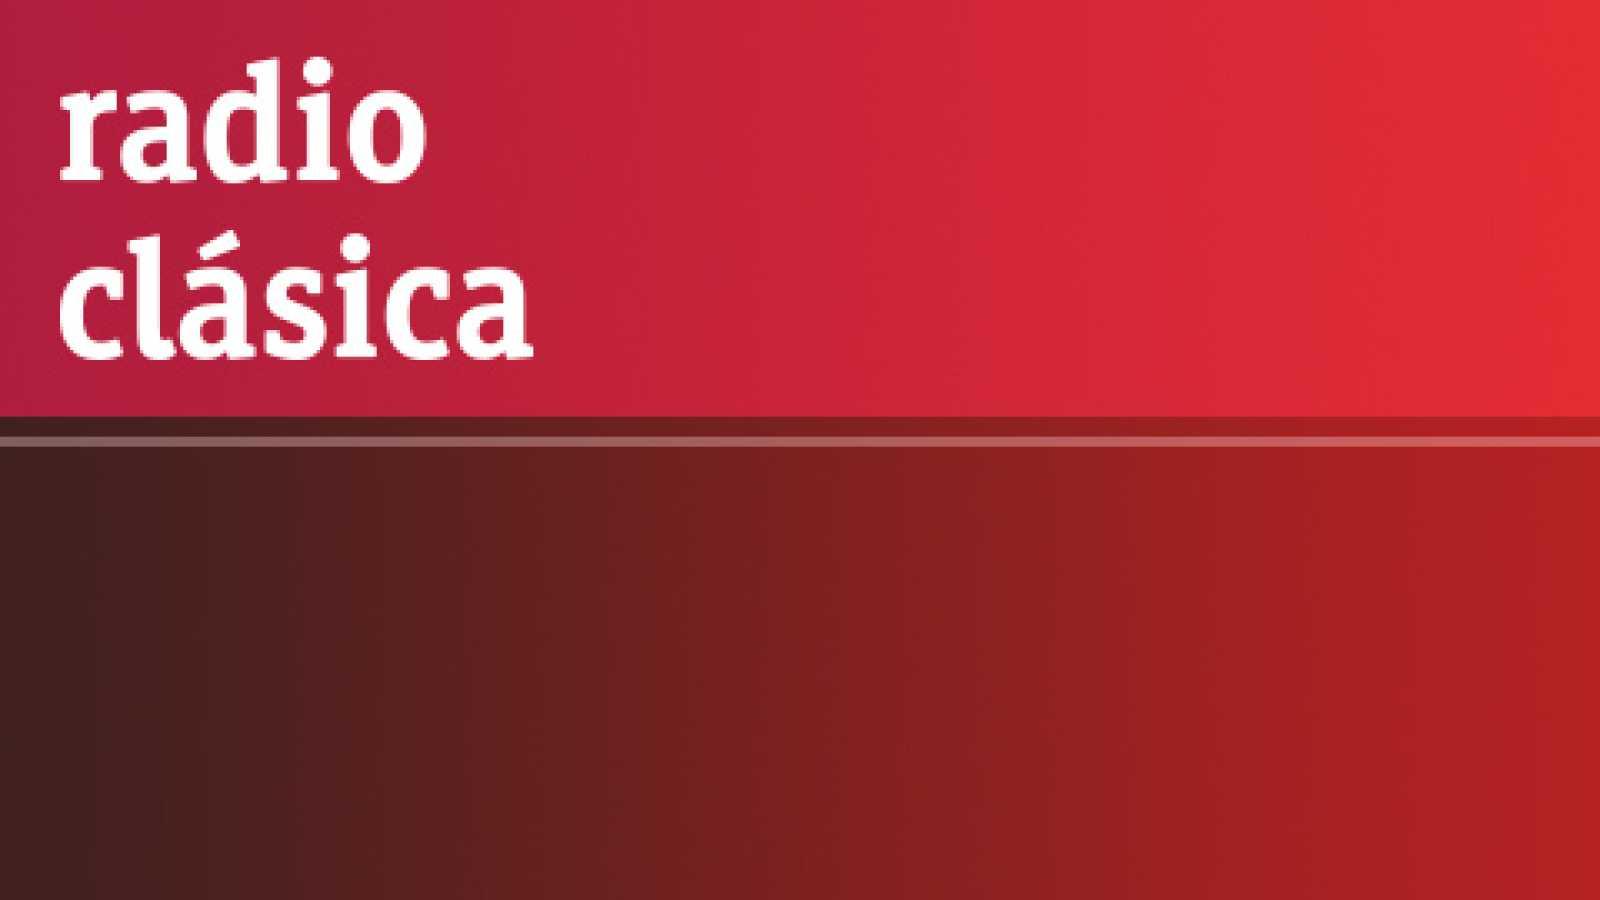 Viaje a Ítaca - Clasicismo oculto: Novedades discográficas - 18/03/16 - escuchar ahora